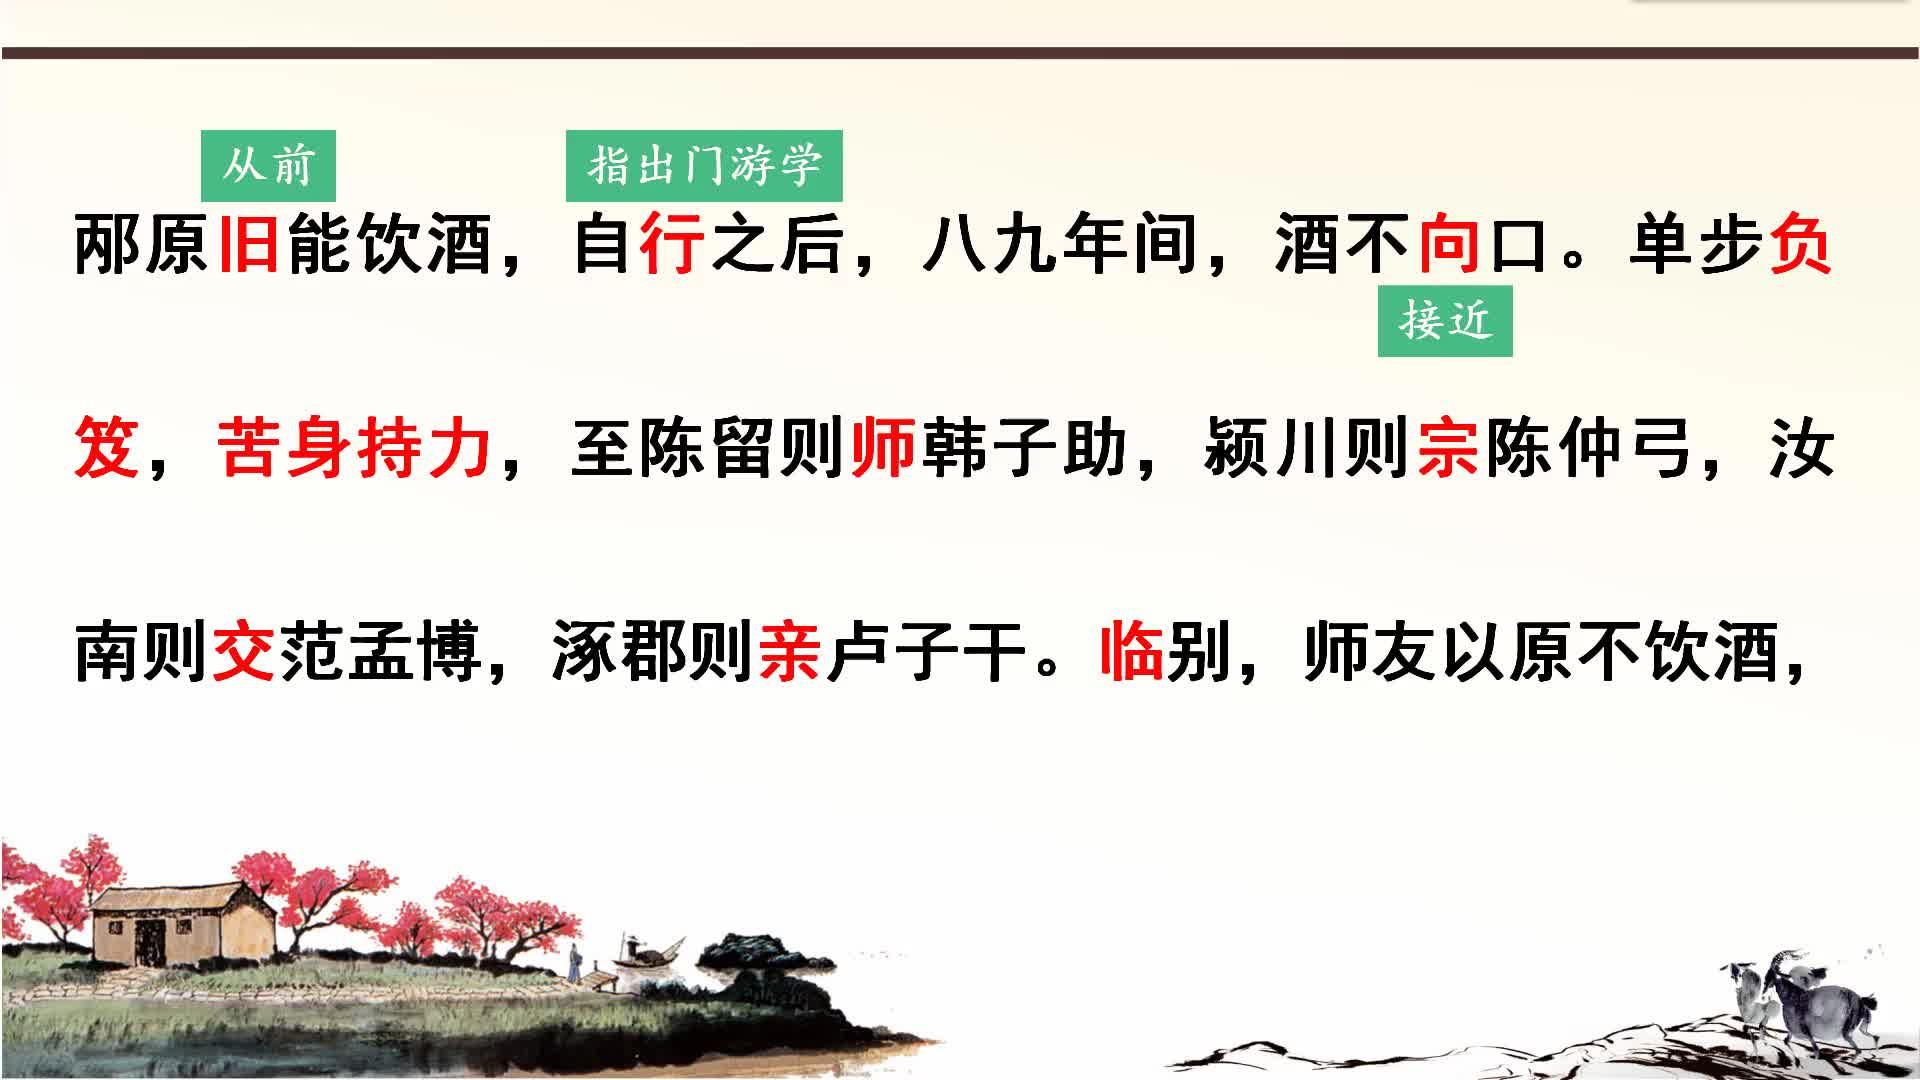 八年级语文组合阅读文言文突破训练:17.邴原戒酒-视频微课堂